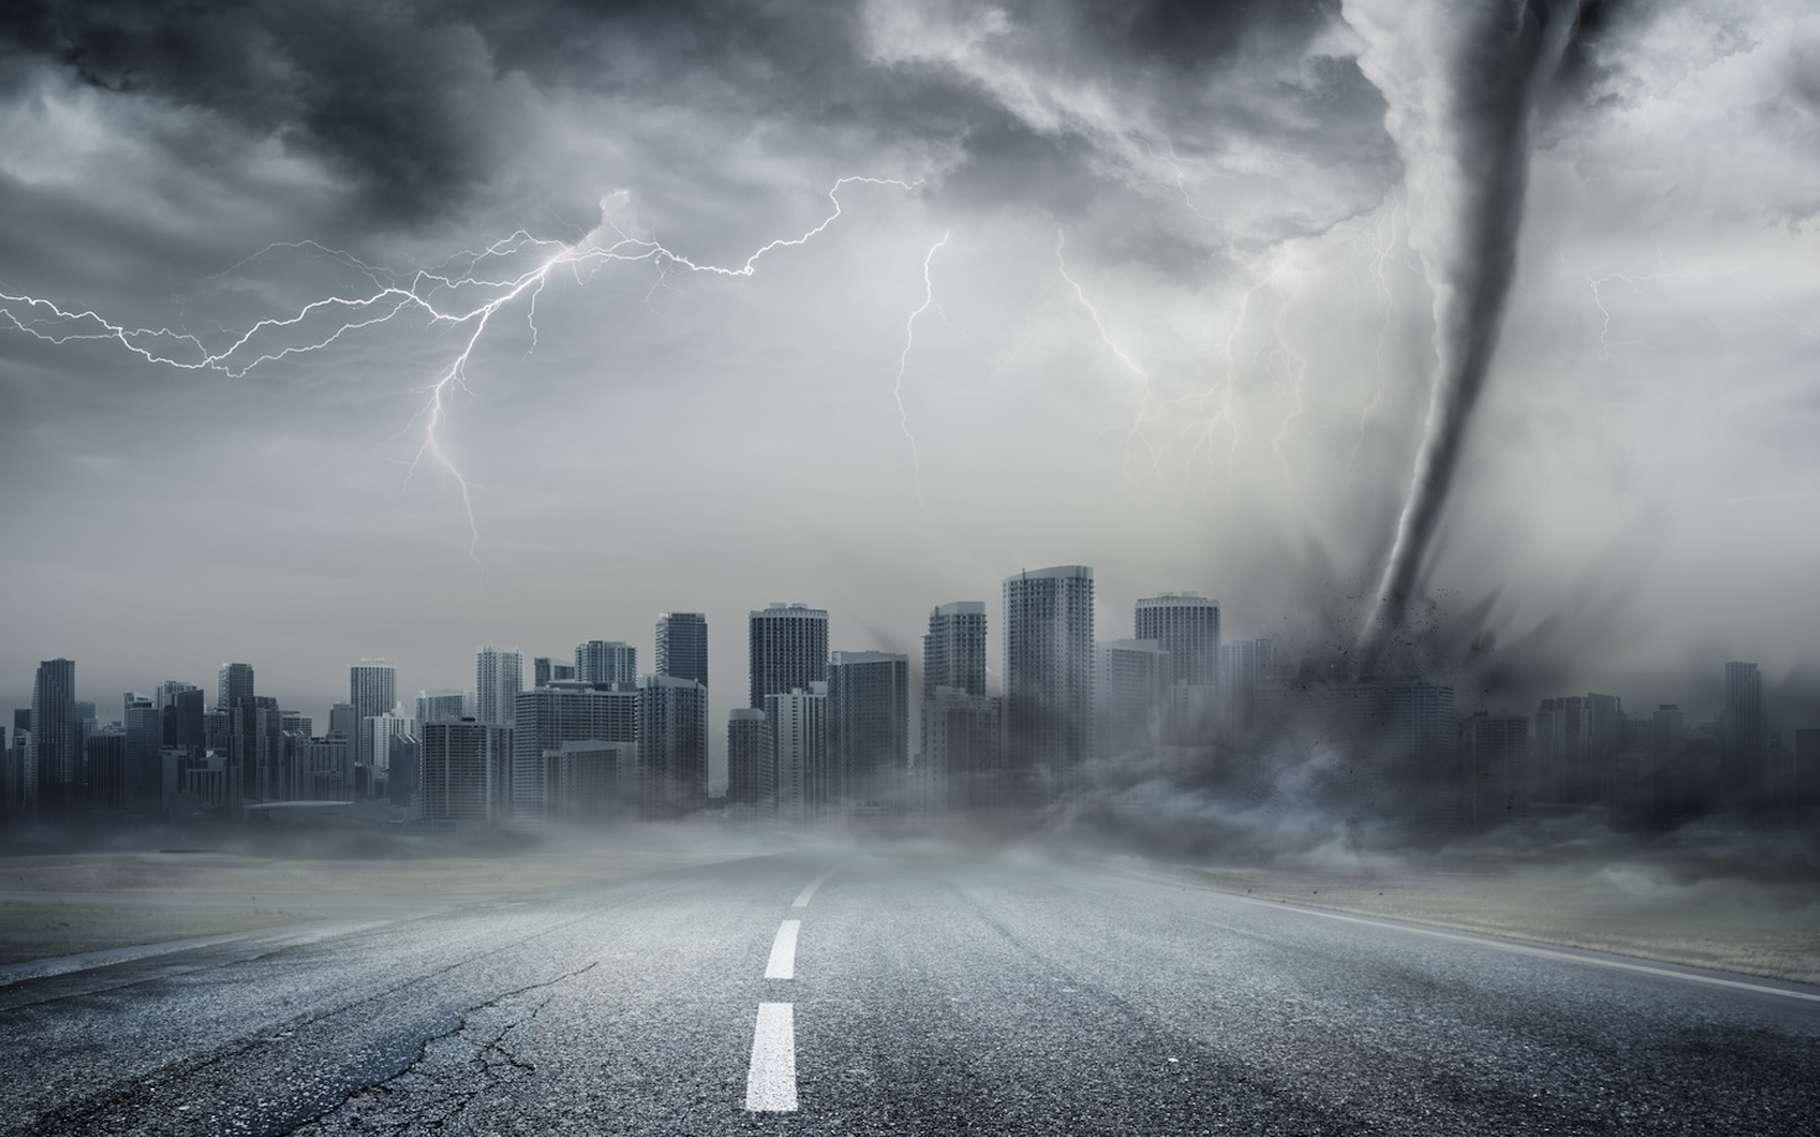 Les tornades les plus impressionnantes se produisent généralement aux États-Unis. © Romolo Tavani, Fotolia